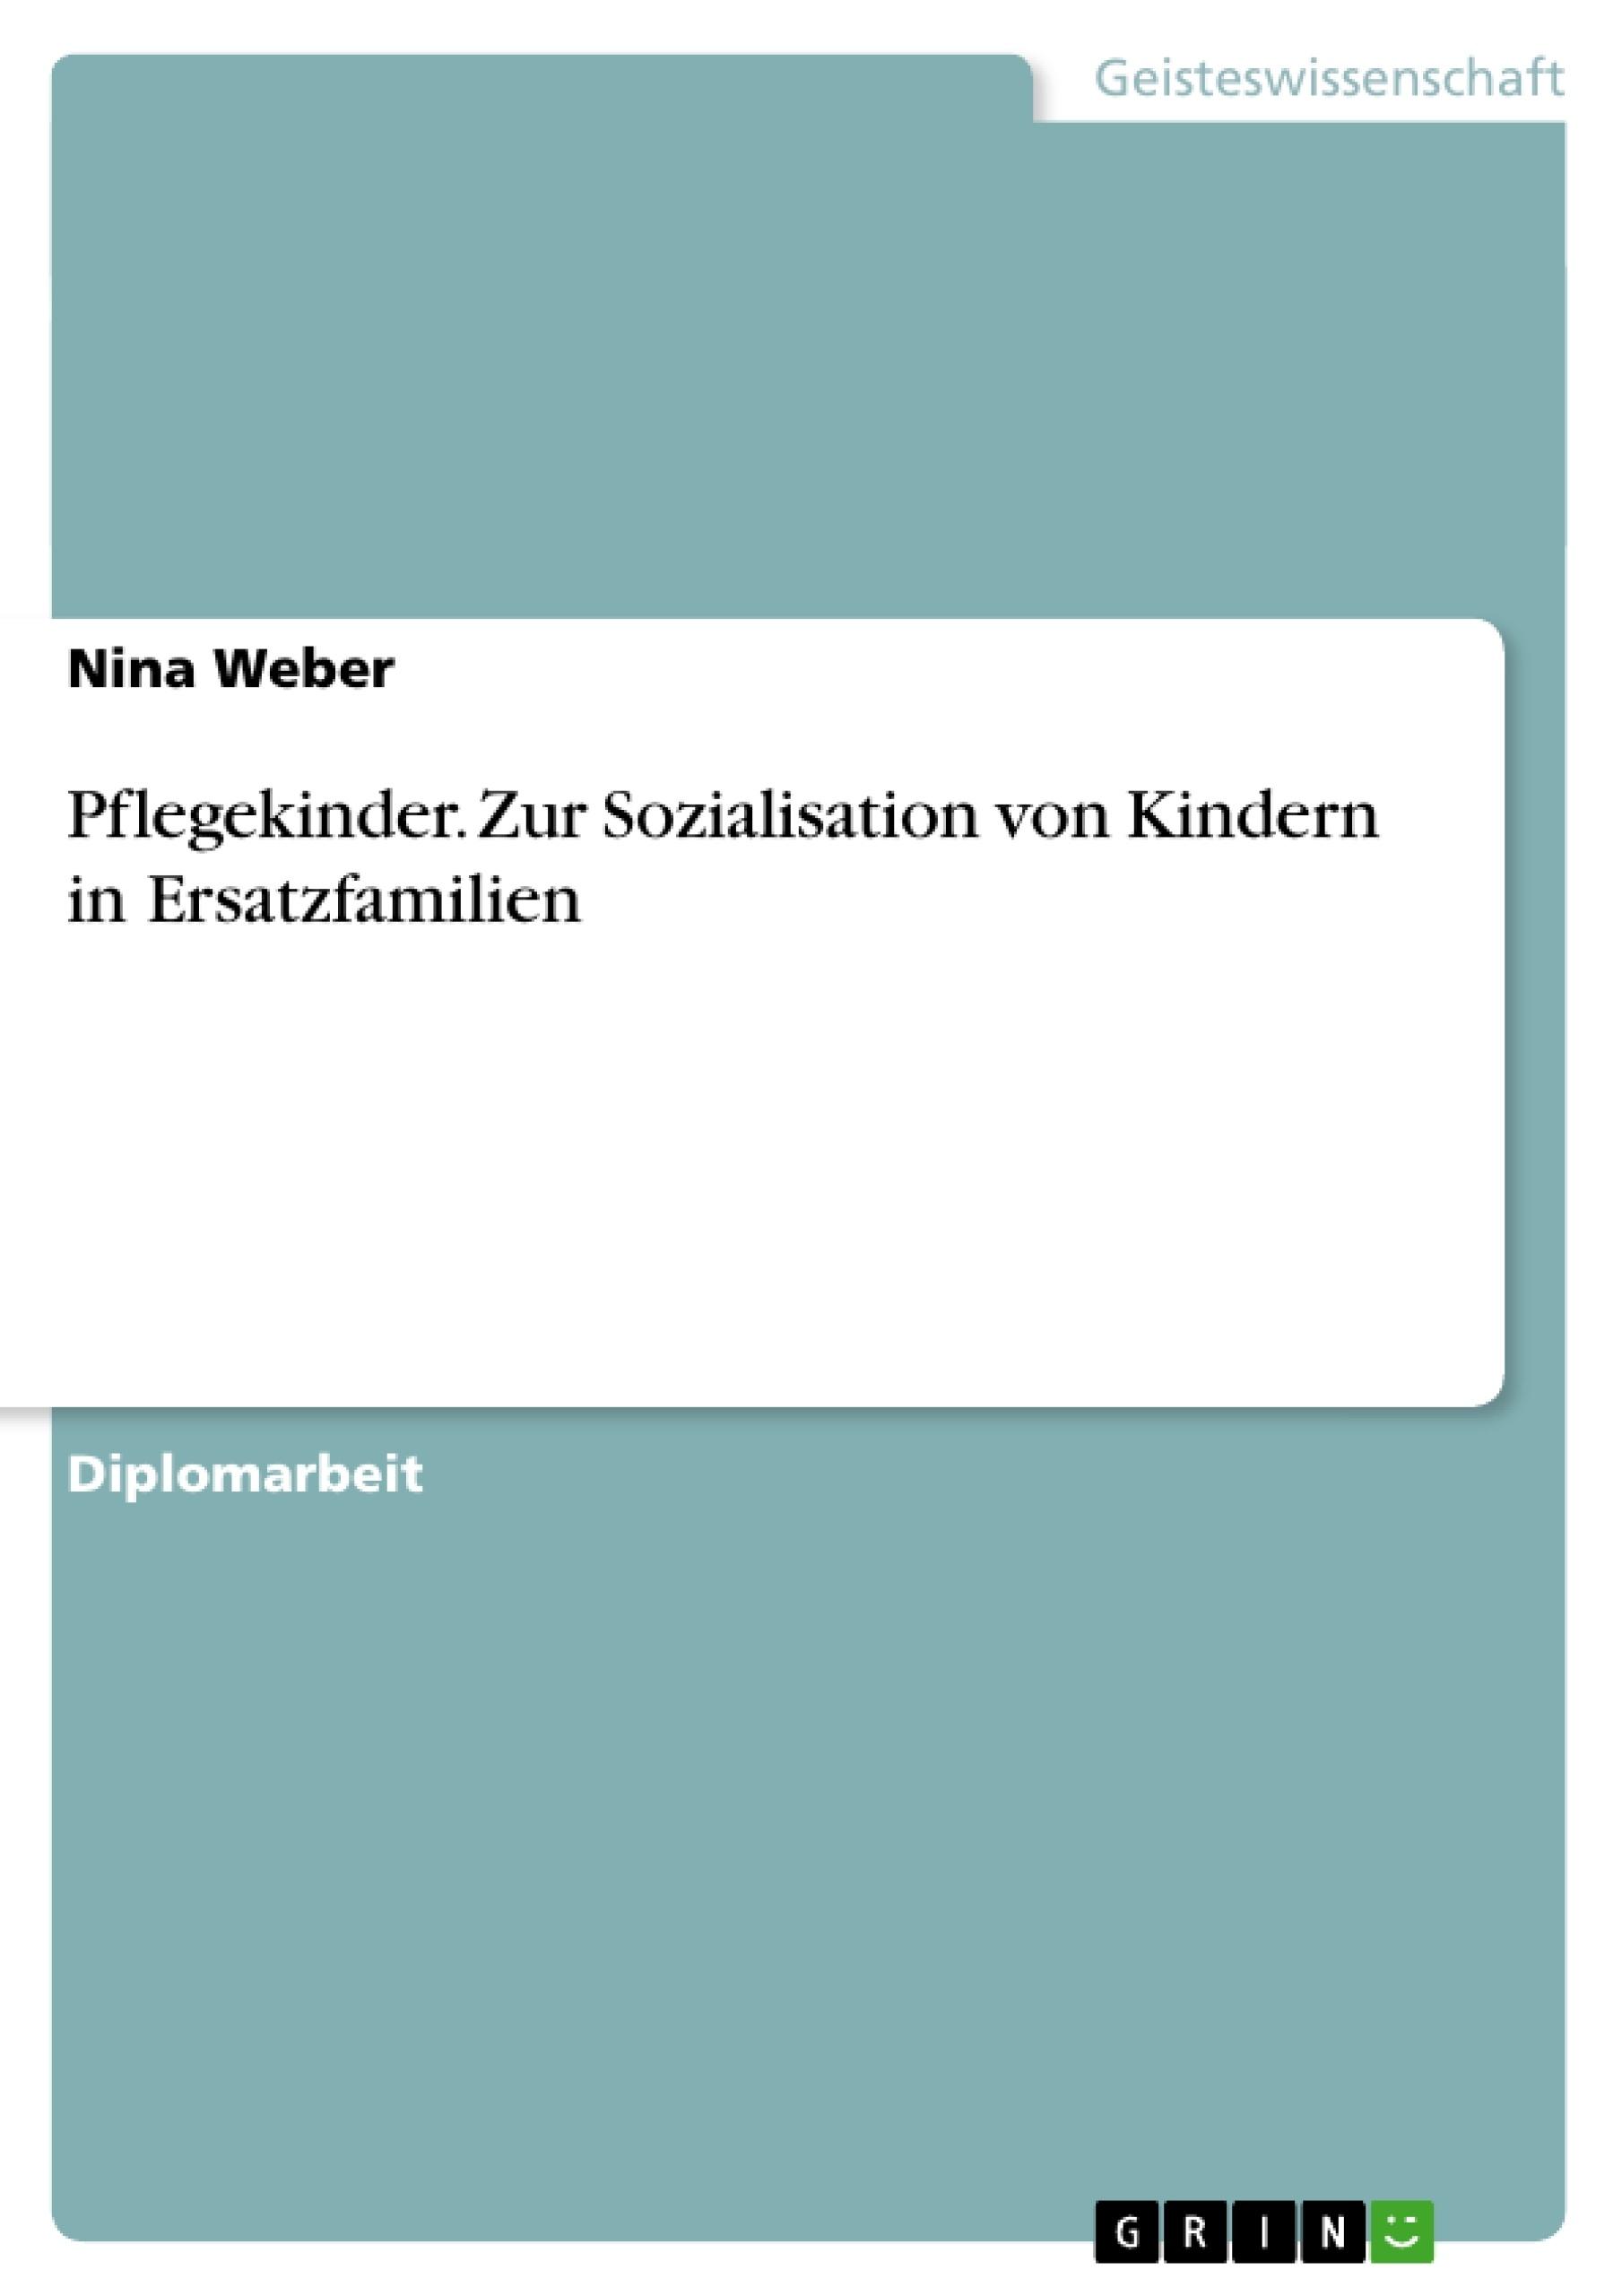 Titel: Pflegekinder. Zur Sozialisation von Kindern in Ersatzfamilien